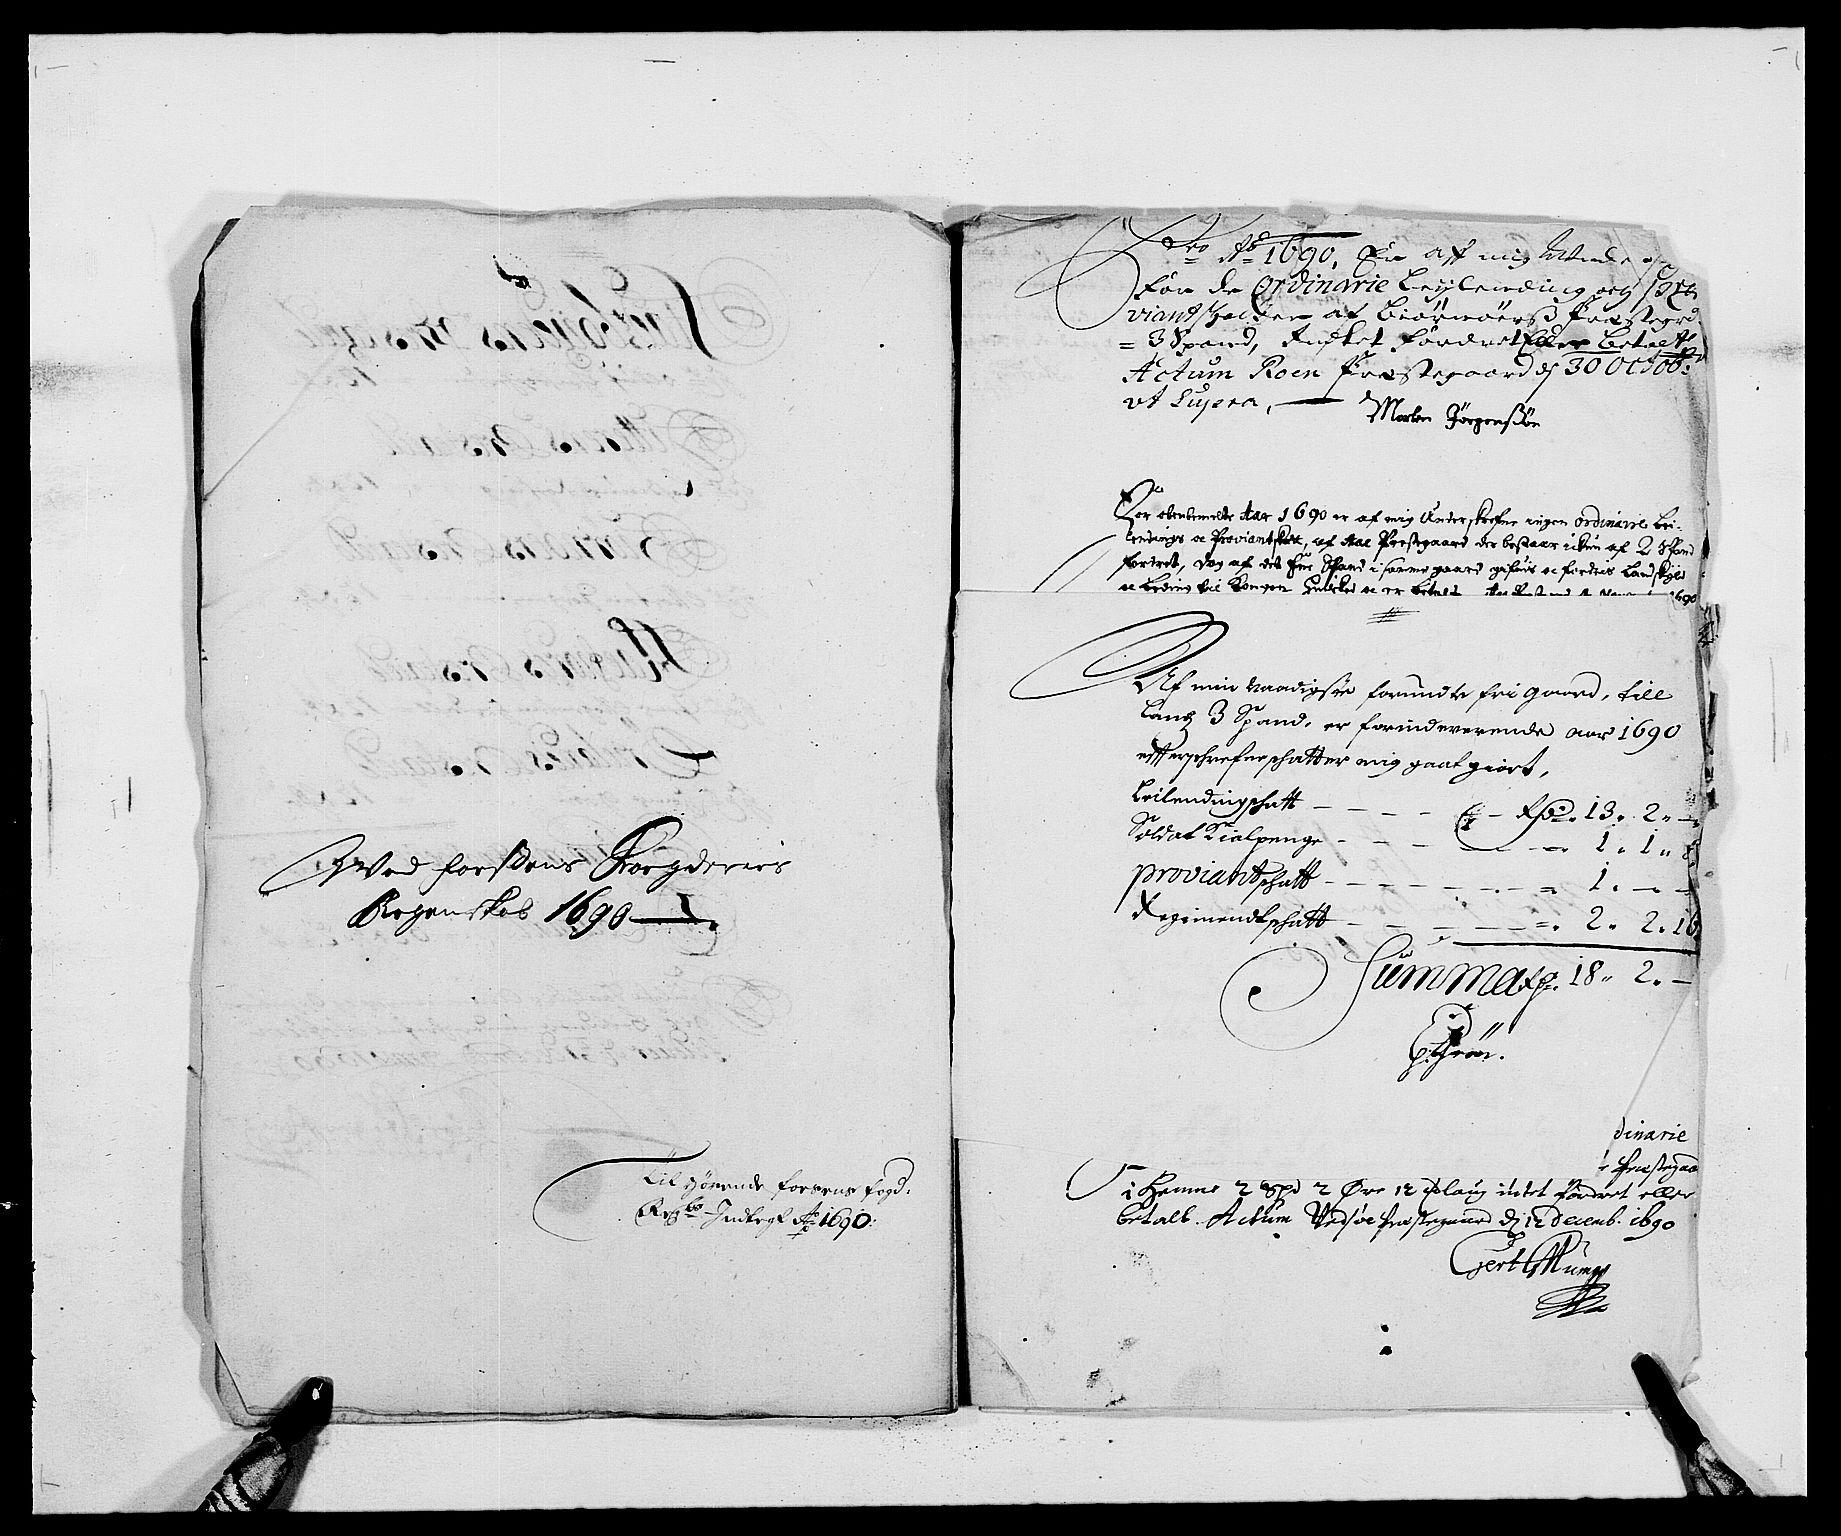 RA, Rentekammeret inntil 1814, Reviderte regnskaper, Fogderegnskap, R57/L3848: Fogderegnskap Fosen, 1690-1691, s. 189